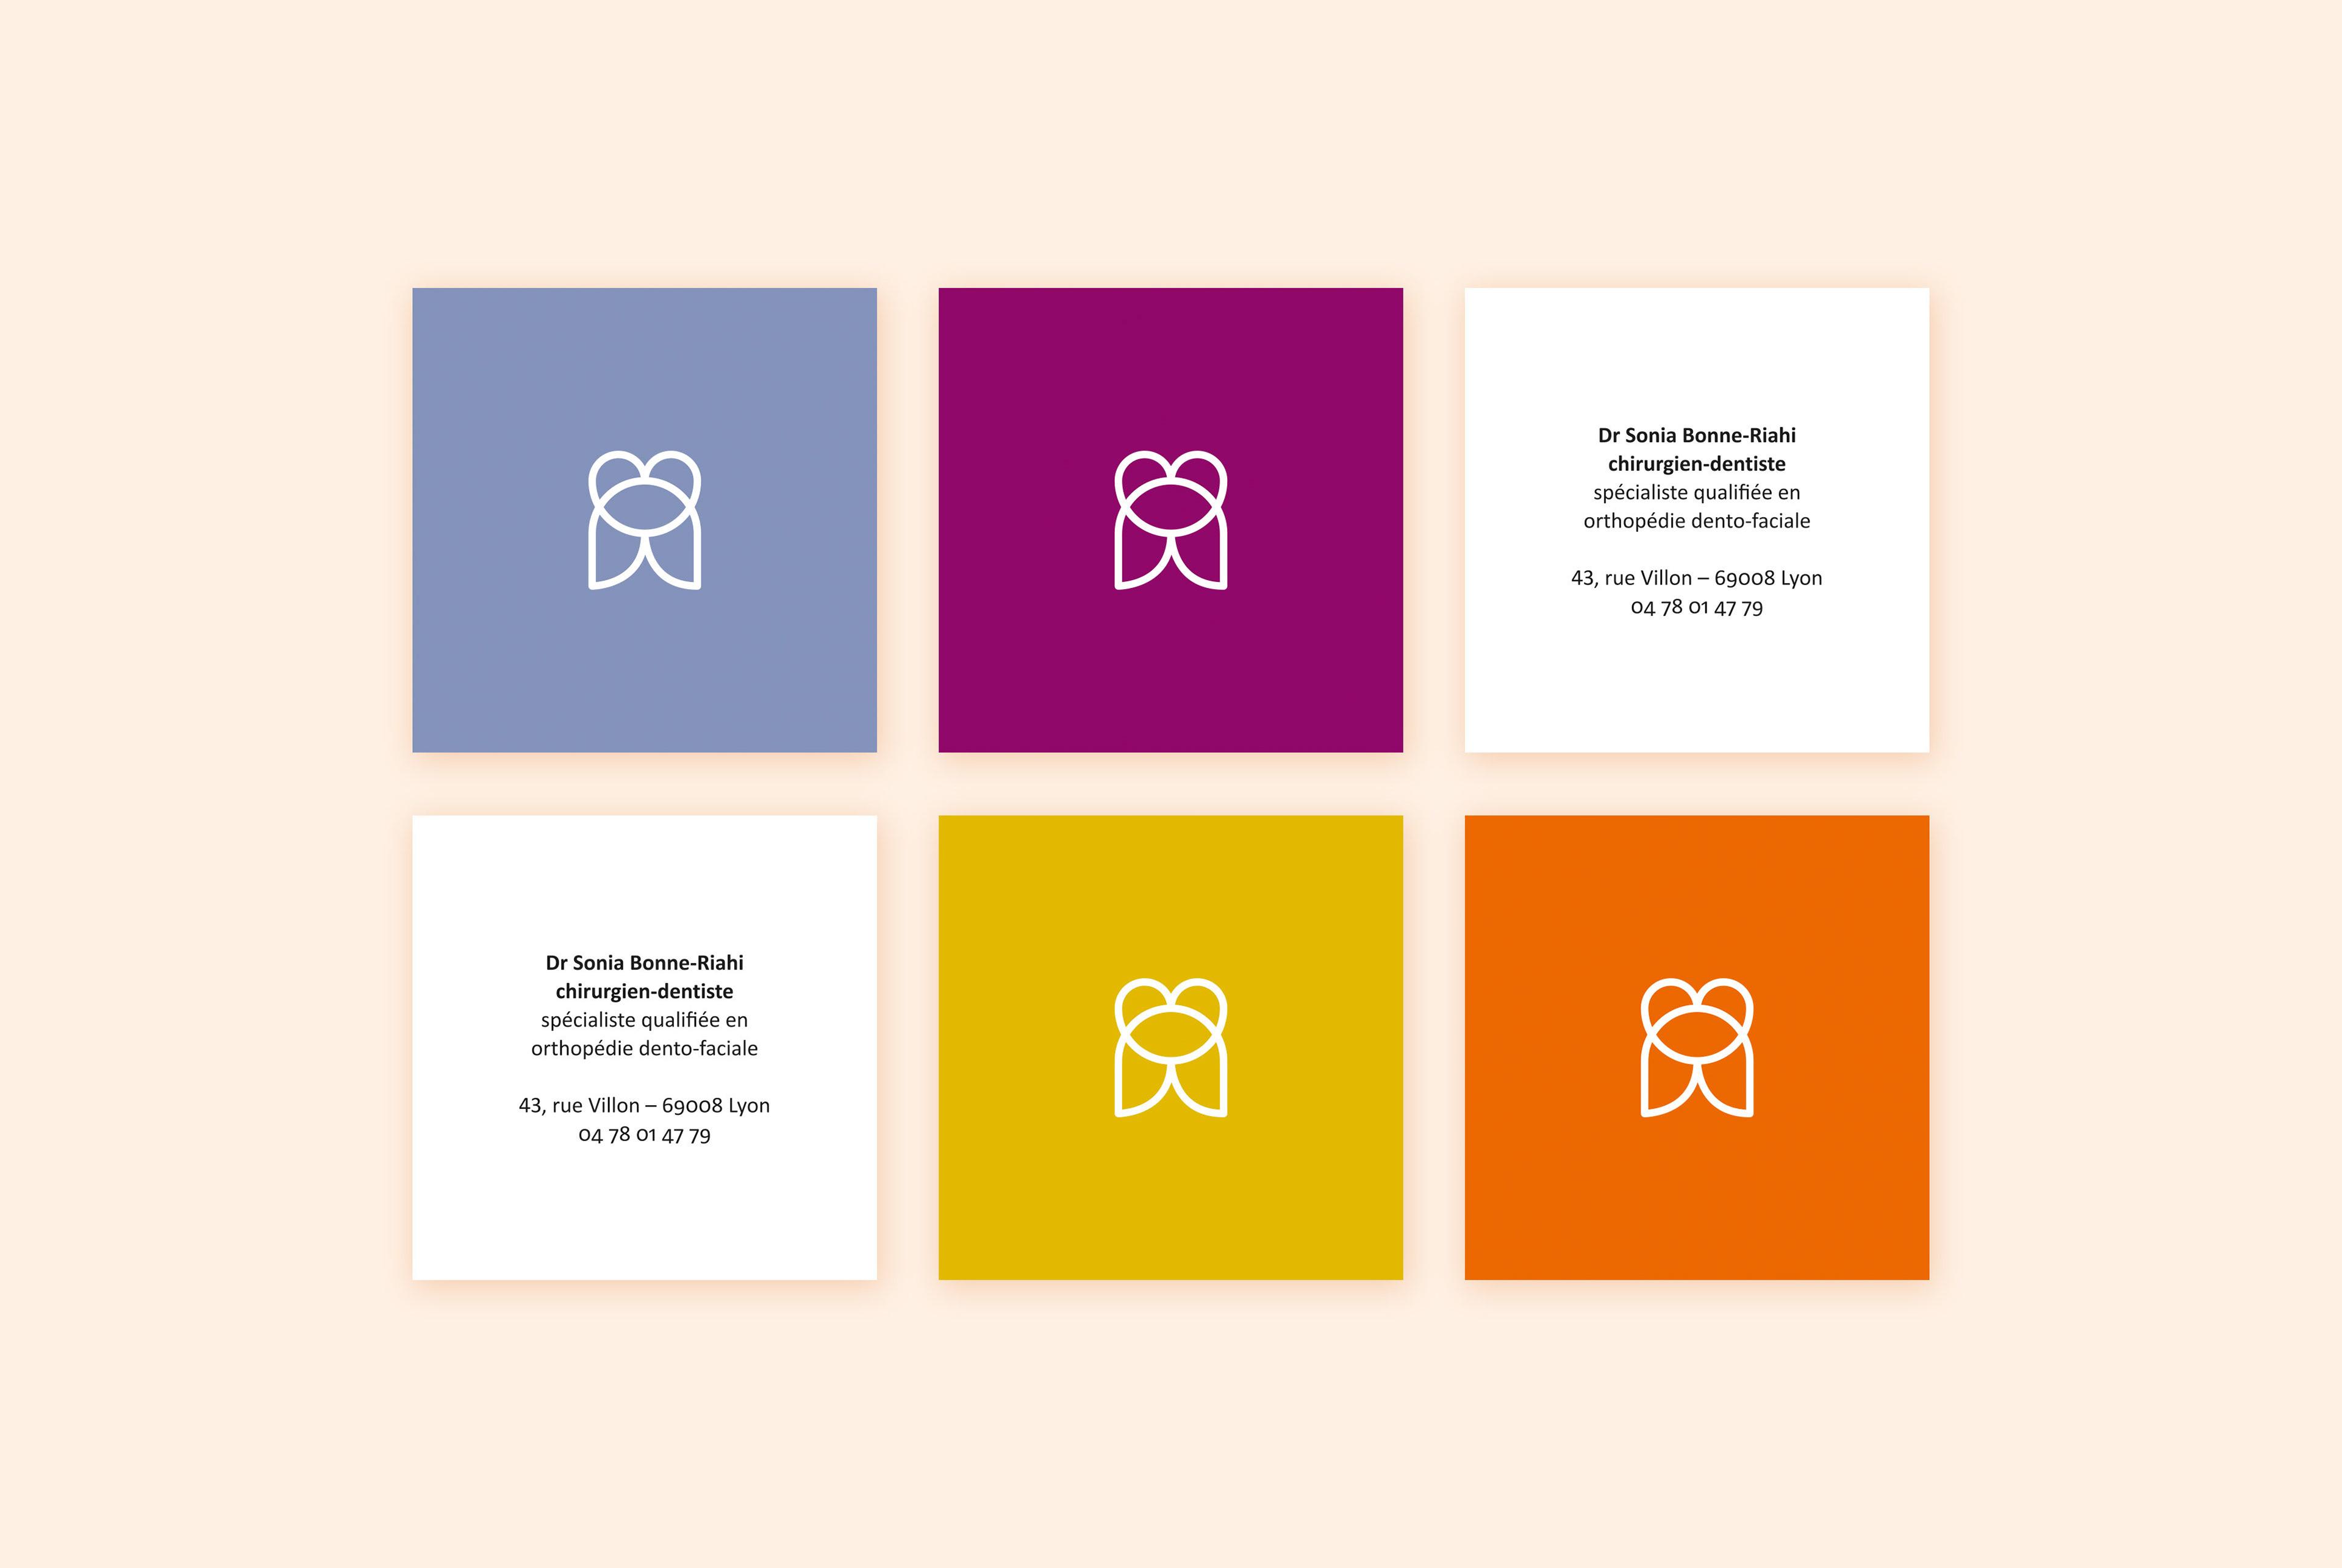 Lidentite Du Docteur Sonia Bonne Riahi Chirurgien Dentiste Declinaison Logo En Deux Versions Dont Lune Sadresse Aux Enfants Cartes De Visite